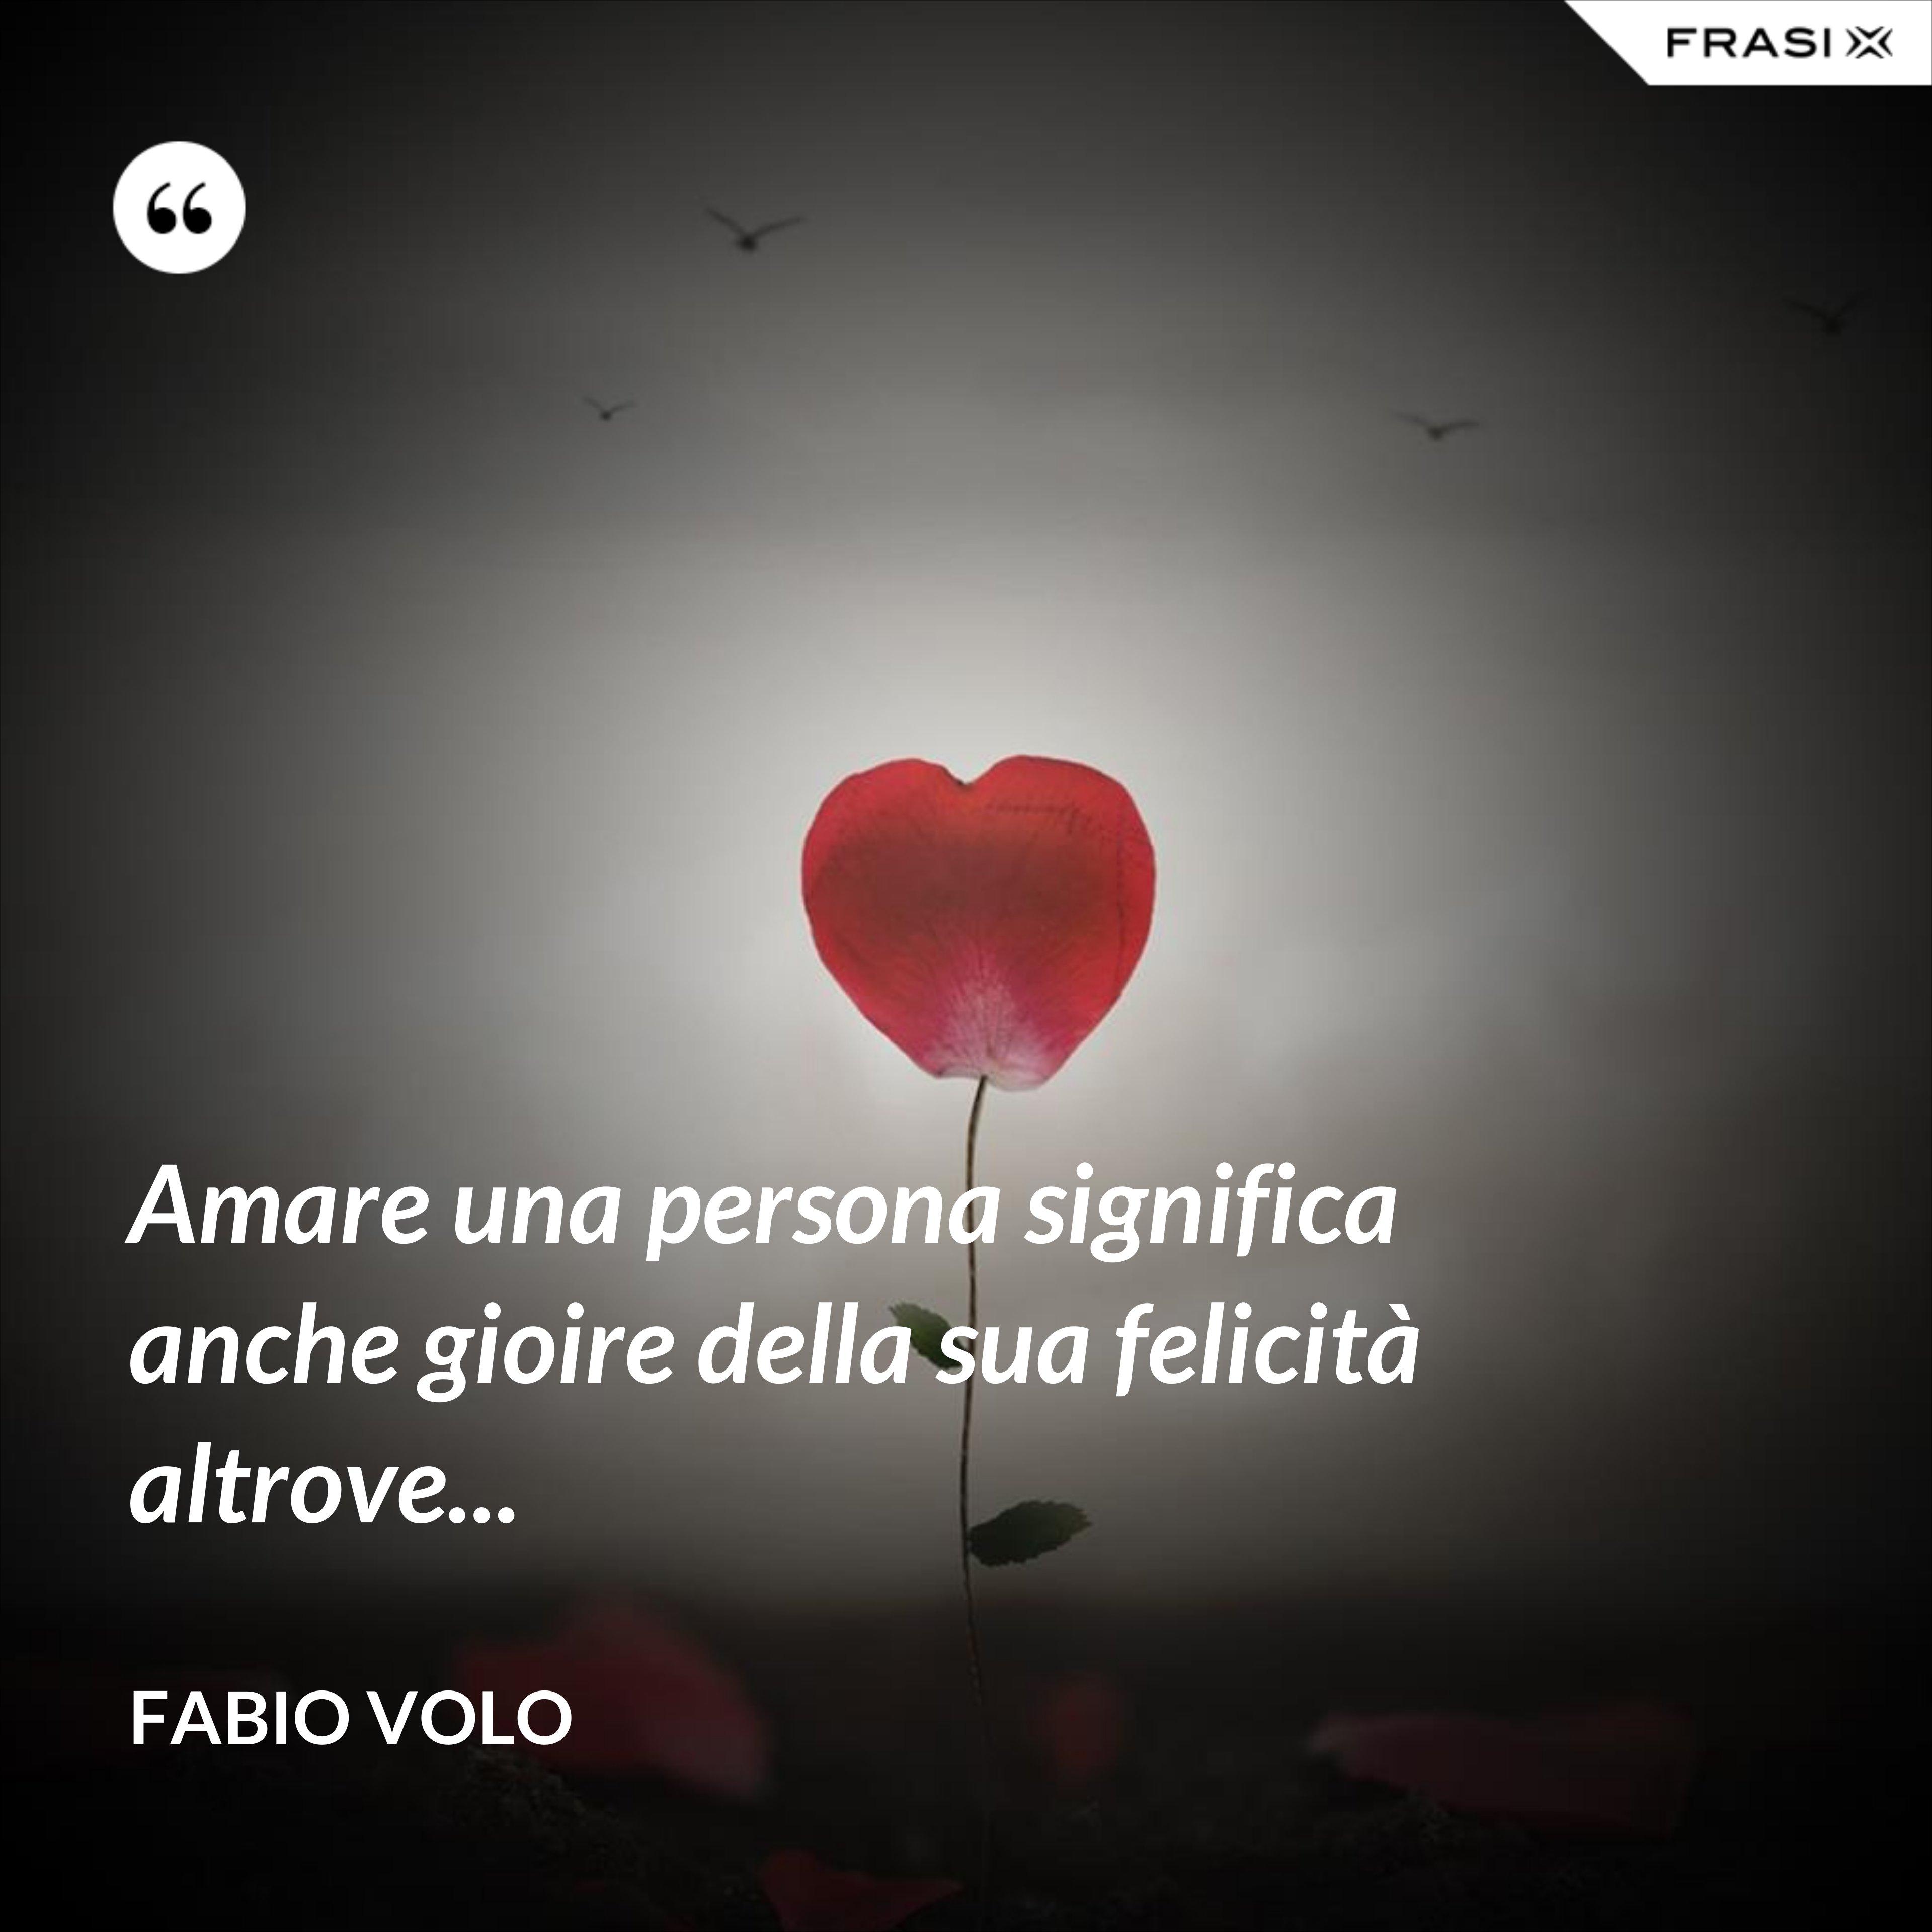 Amare una persona significa anche gioire della sua felicità altrove... - Fabio Volo